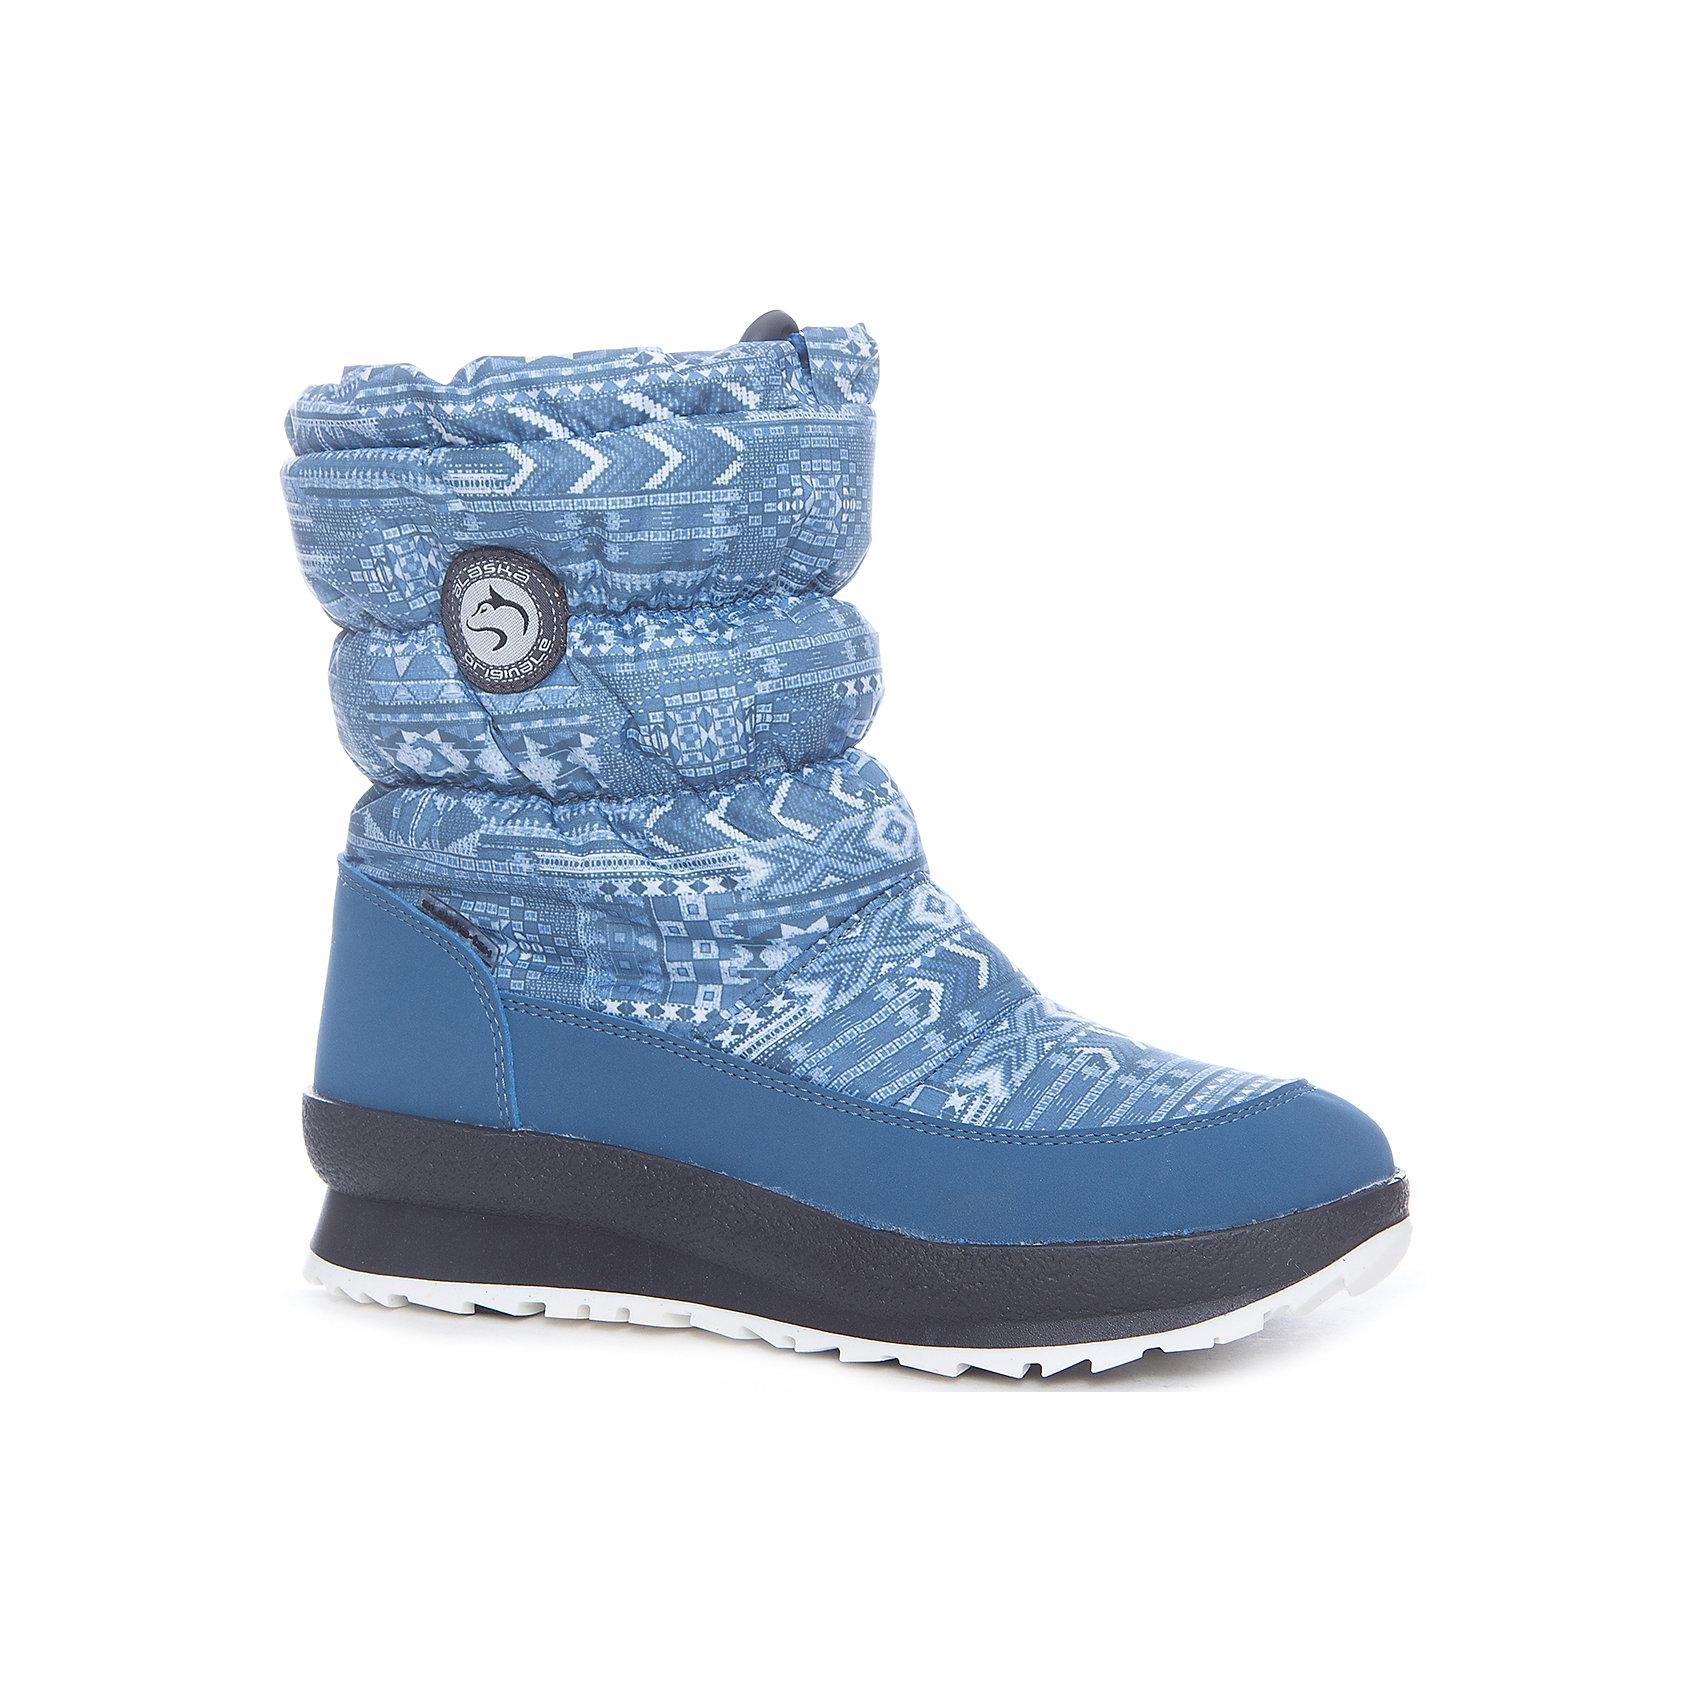 Сапоги Alaska OriginaleДутики<br>Характеристики товара:<br><br>• цвет: синий<br>• внешний материал: текстиль<br>• внутренний материал: натуральная шерсть/искусственный мех<br>• стелька: натуральная шерсть/искусственный мех<br>• подошва: полимер<br>• сезон: зима<br>• мембранные<br>• водонепроницаемая пропитка верха<br>• температурный режим: от -30 до 0<br>• защита мыса<br>• подошва не скользит<br>• застежка: утяжка<br>• анатомические <br>• страна бренда: Испания<br>• страна изготовитель: Румыния <br><br>Обращаем ваша внимание, что во всех сапогах Alaska Originale до 27 размера включительно внутренний материал – натуральная шерсть, начиная с 28 размера – искусственный мех.<br><br>Синие зимние сапоги с принтом дополнены легкой нескользящей подошвой и удобной застежкой. Сапоги Alaska Originale благодаря мембранной технологии помогут сохранить ноги в тепле, не позволяя им промокнуть.<br><br>Обувь от итальянской компании Alaska Originale - это высокотехнологичное производство и европейский дизайнеры. В каждой модели обуви проработаны все нюансы для обеспечения высокой степени комфорта.<br><br>Сапоги Alaska Originale (Аляска Ориджинал) можно купить в нашем интернет-магазине.<br><br>Ширина мм: 257<br>Глубина мм: 180<br>Высота мм: 130<br>Вес г: 420<br>Цвет: синий<br>Возраст от месяцев: 156<br>Возраст до месяцев: 168<br>Пол: Унисекс<br>Возраст: Детский<br>Размер: 37,39,36,38<br>SKU: 6984974